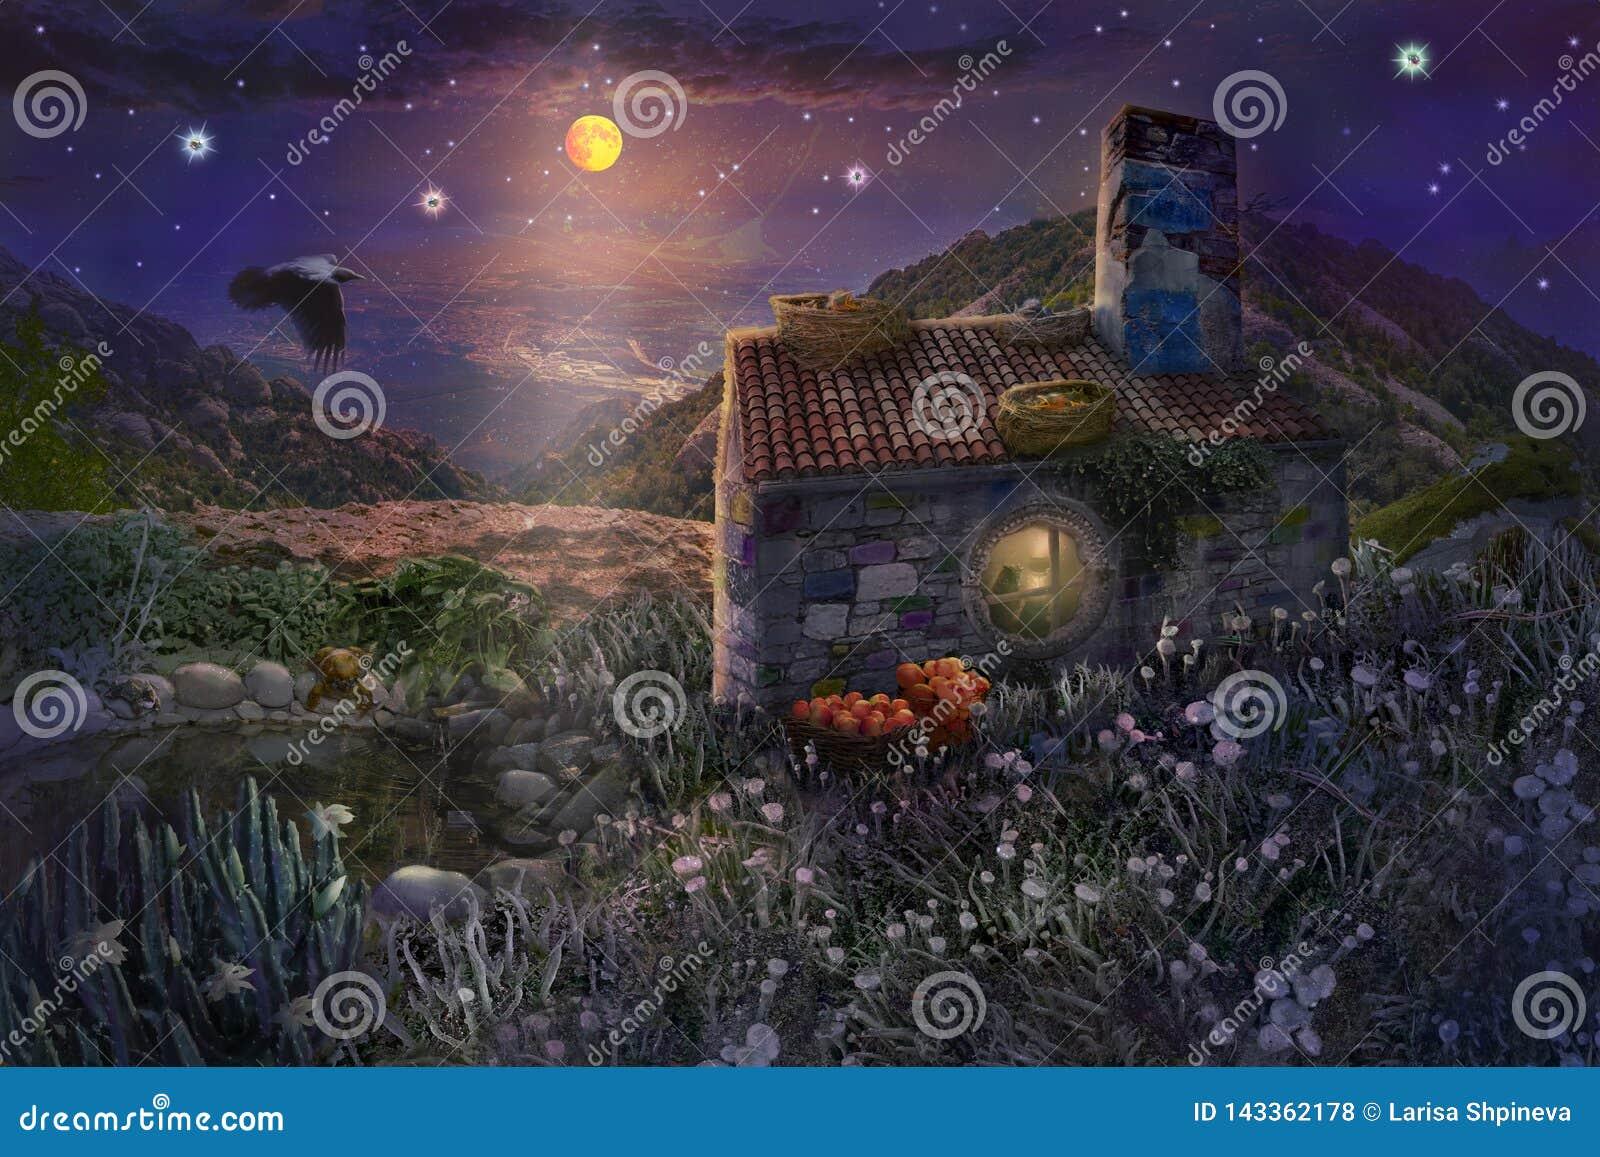 Czarodziejka kamienia dom z gniazdeczkami na dachu i staw z żabami w magicznym lesie gwiaździsta noc z jaskrawą księżyc w niebie